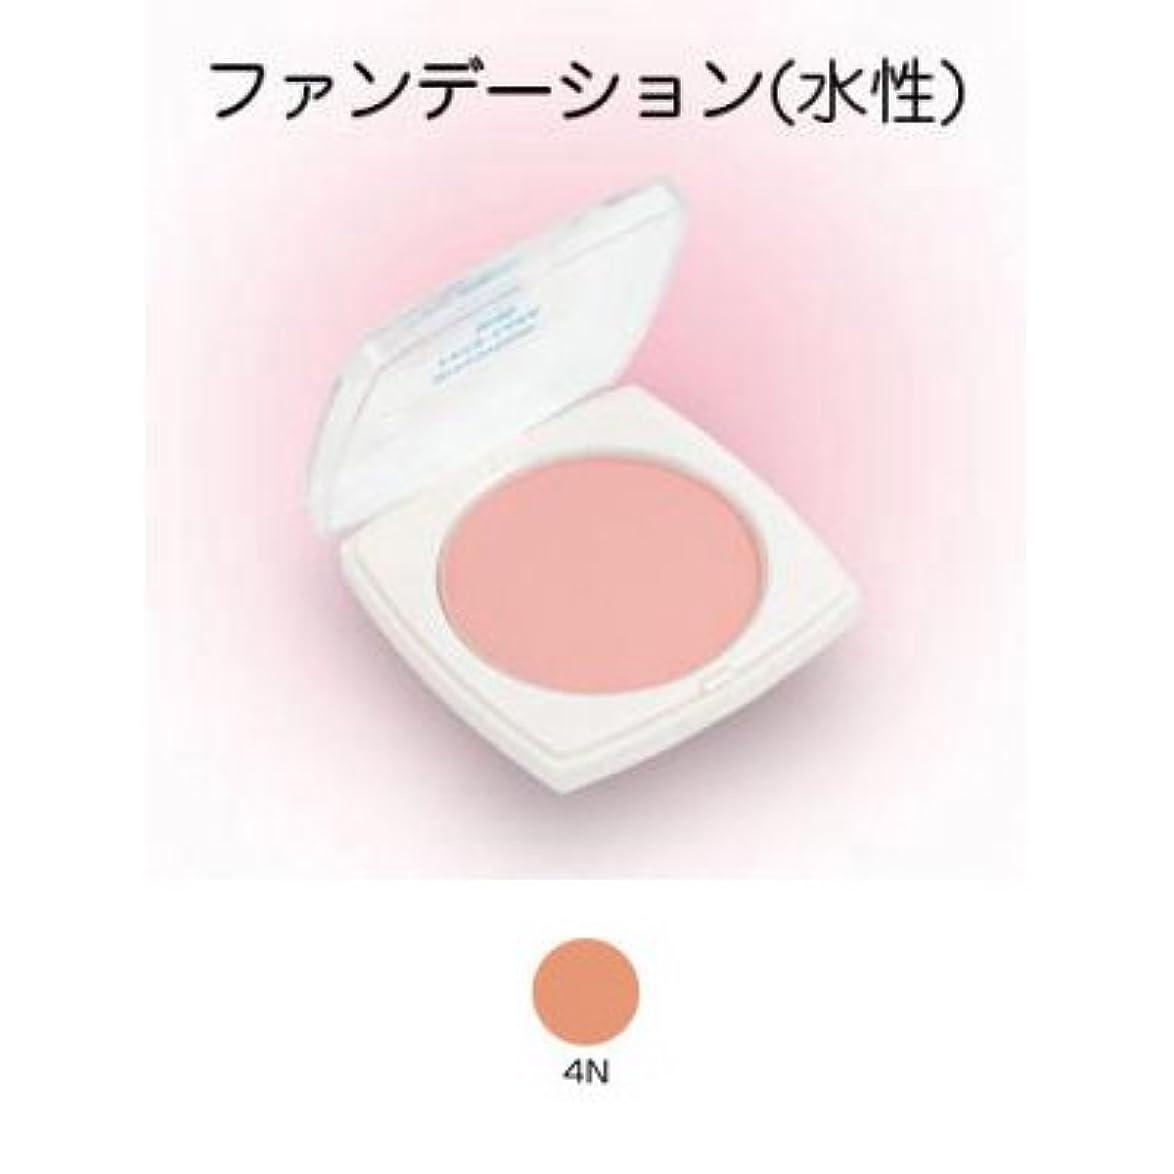 しばしば吸い込む力フェースケーキ ミニ 17g 4N 【三善】